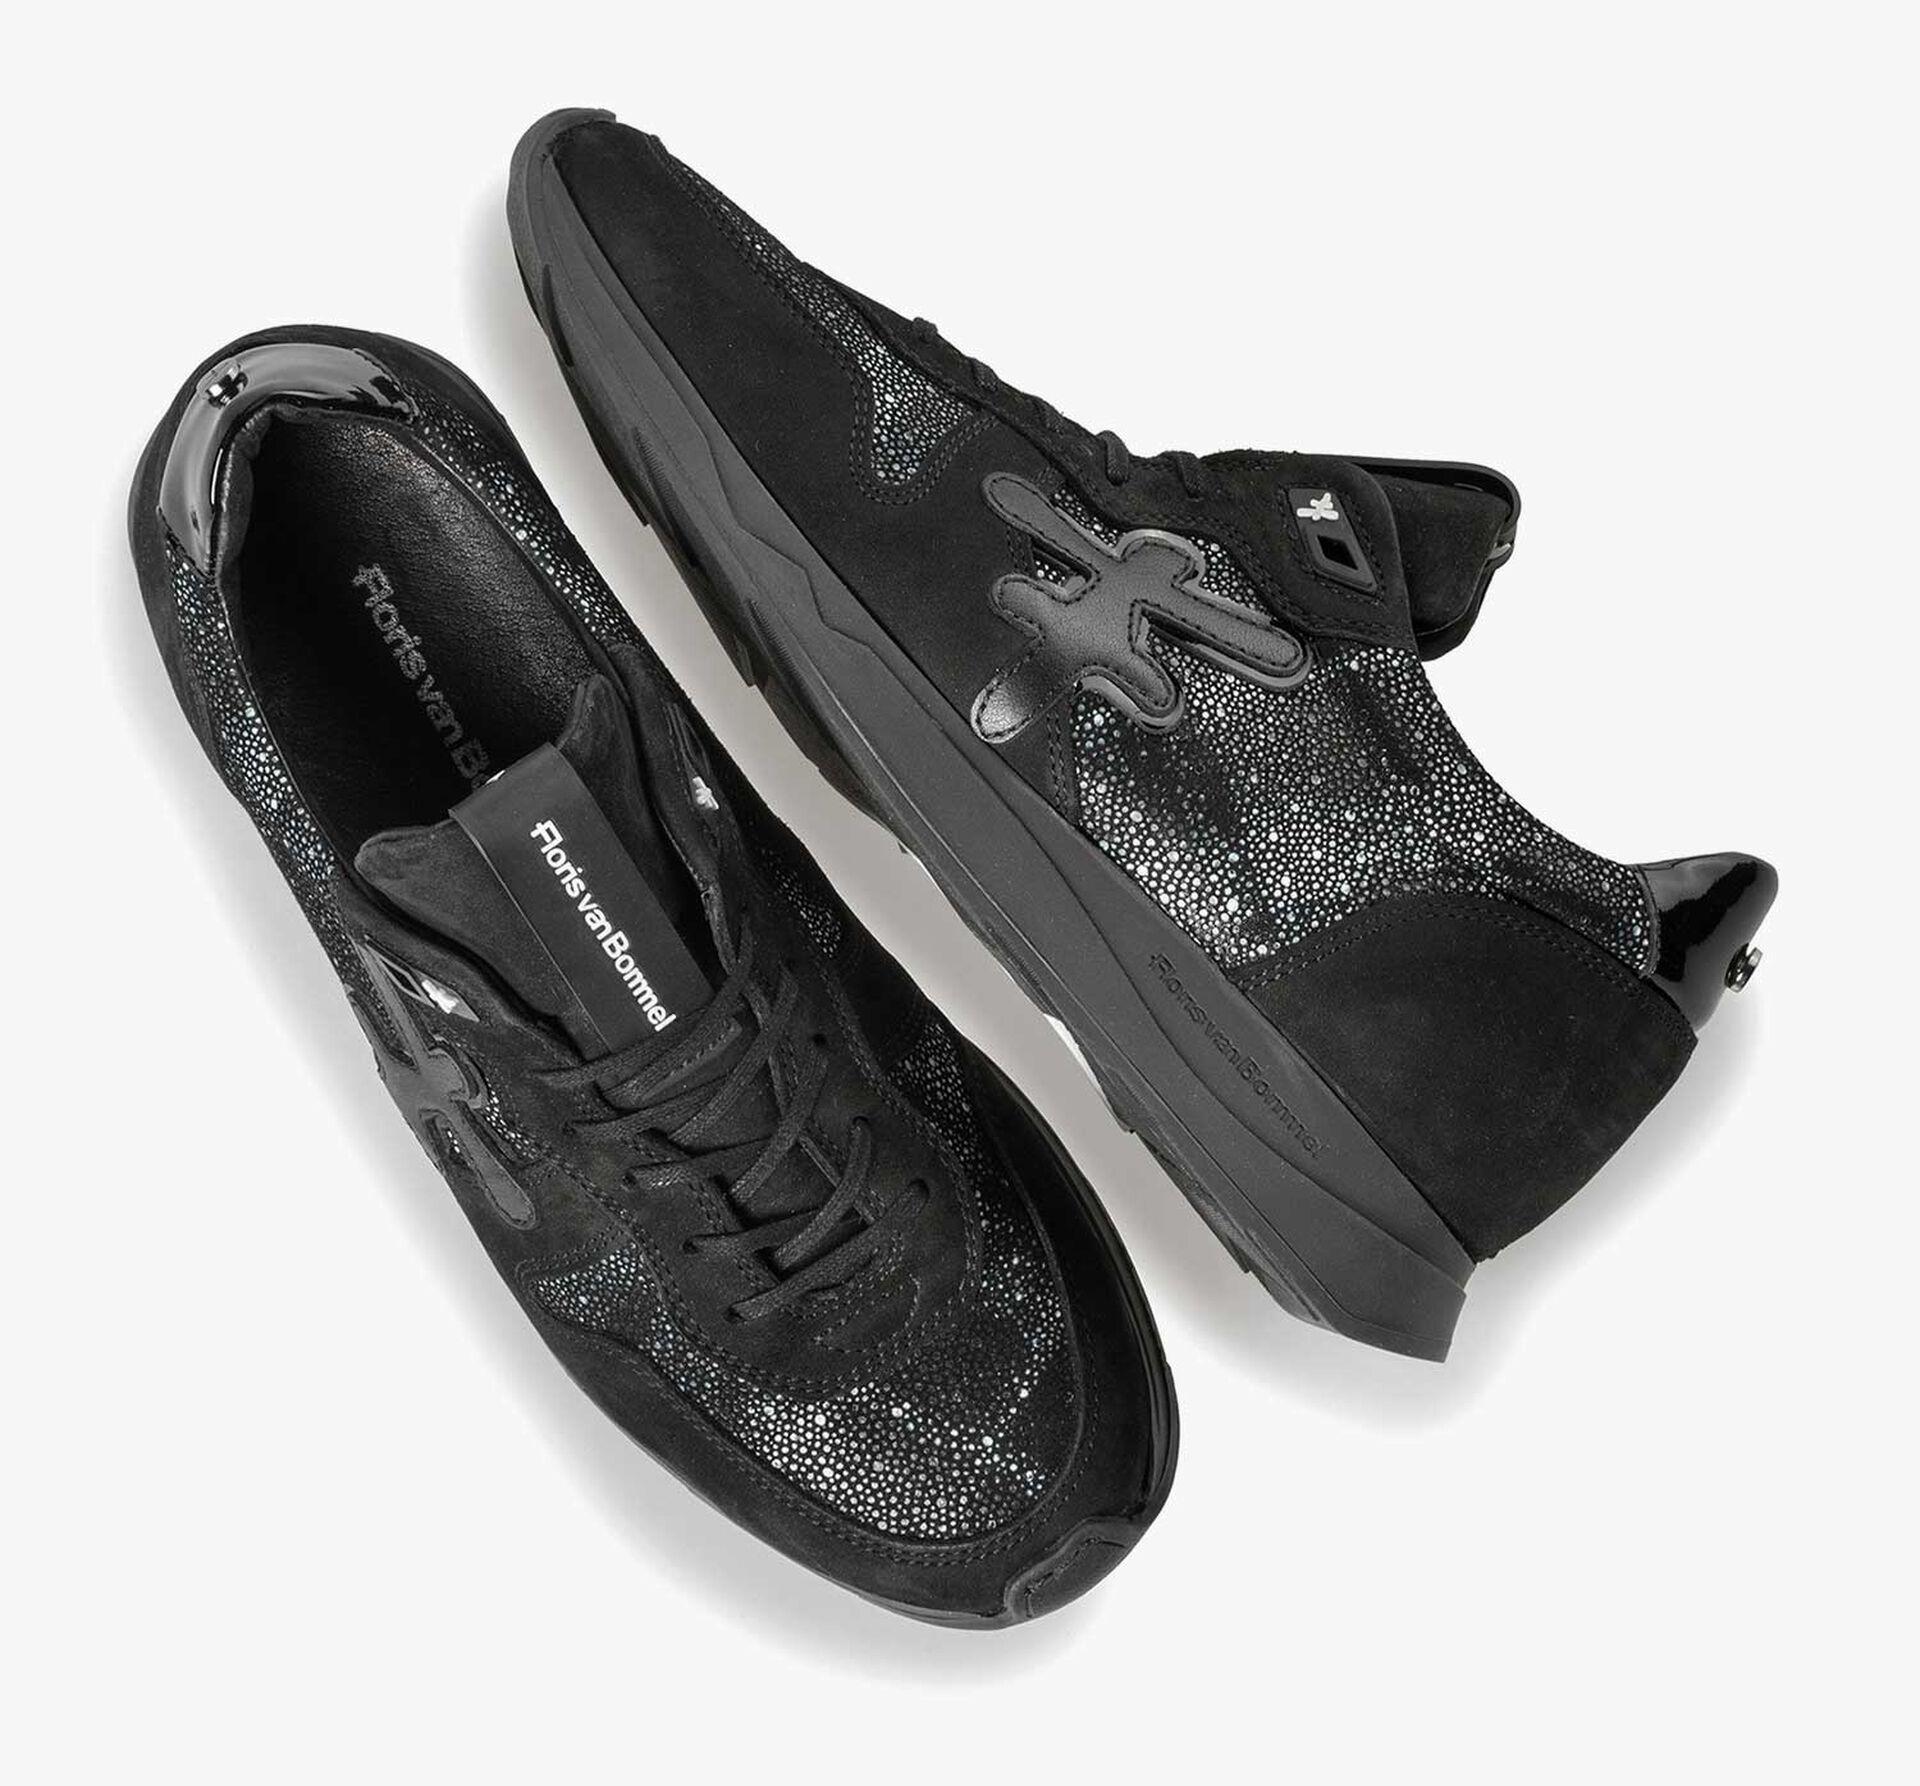 Schwarzer Leder-Sneaker mit Joggingschuhsohle